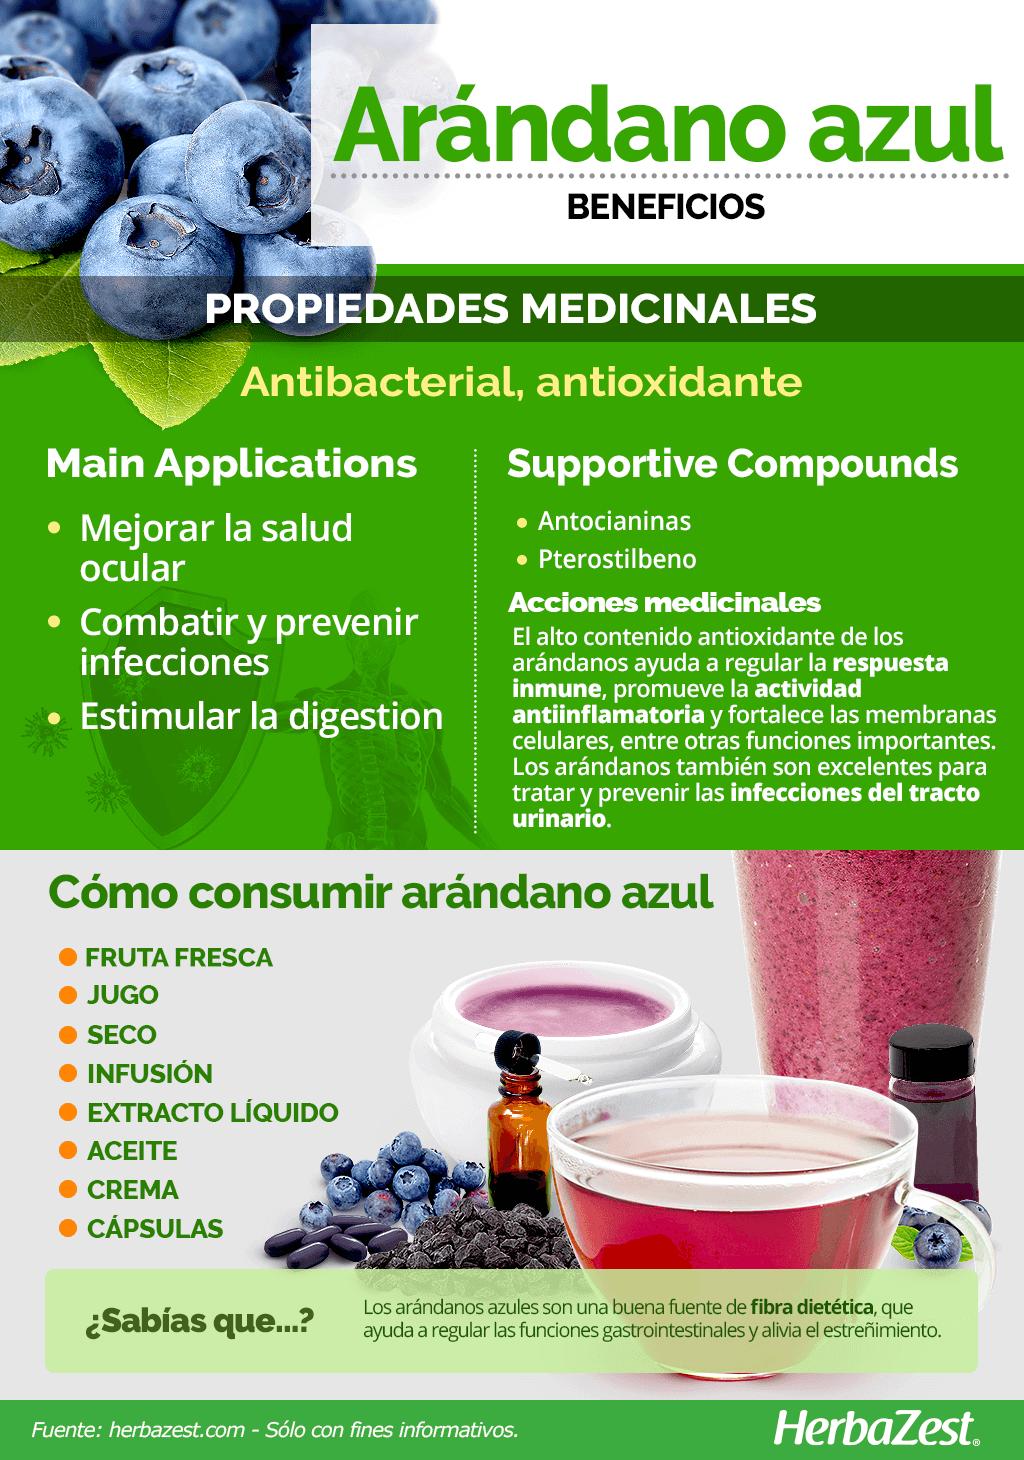 Beneficios del arándano azul